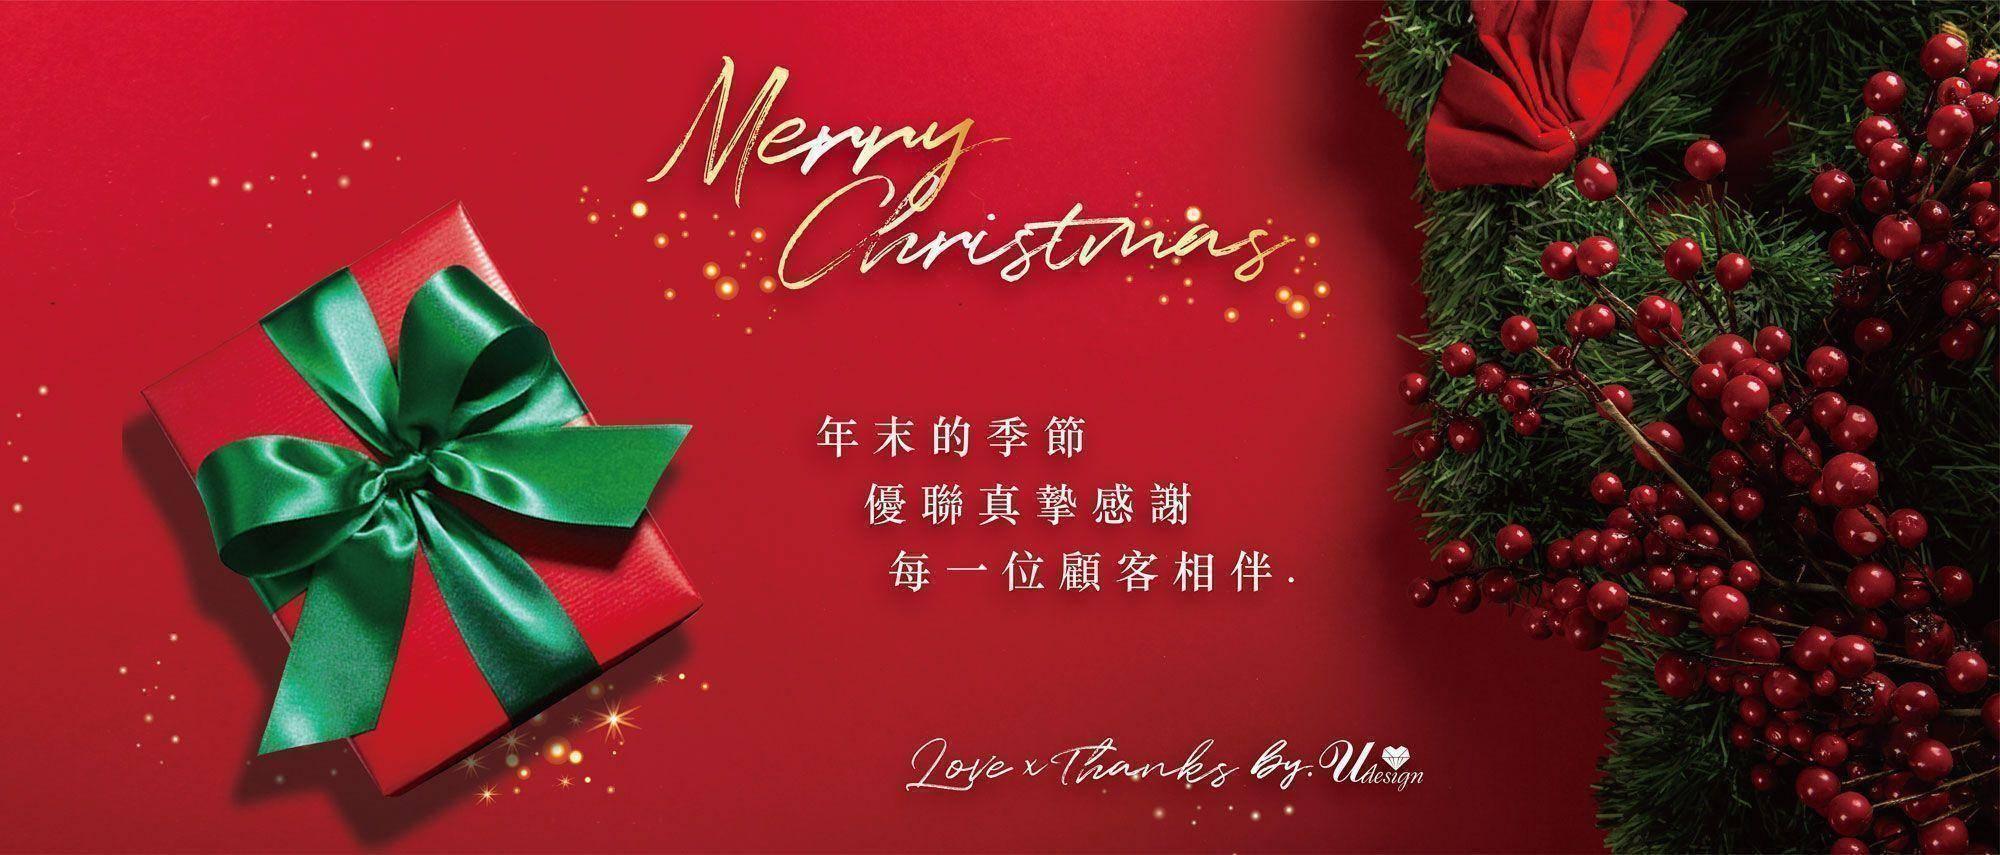 2018聖誕節節慶-優聯創意設計印刷有限公司